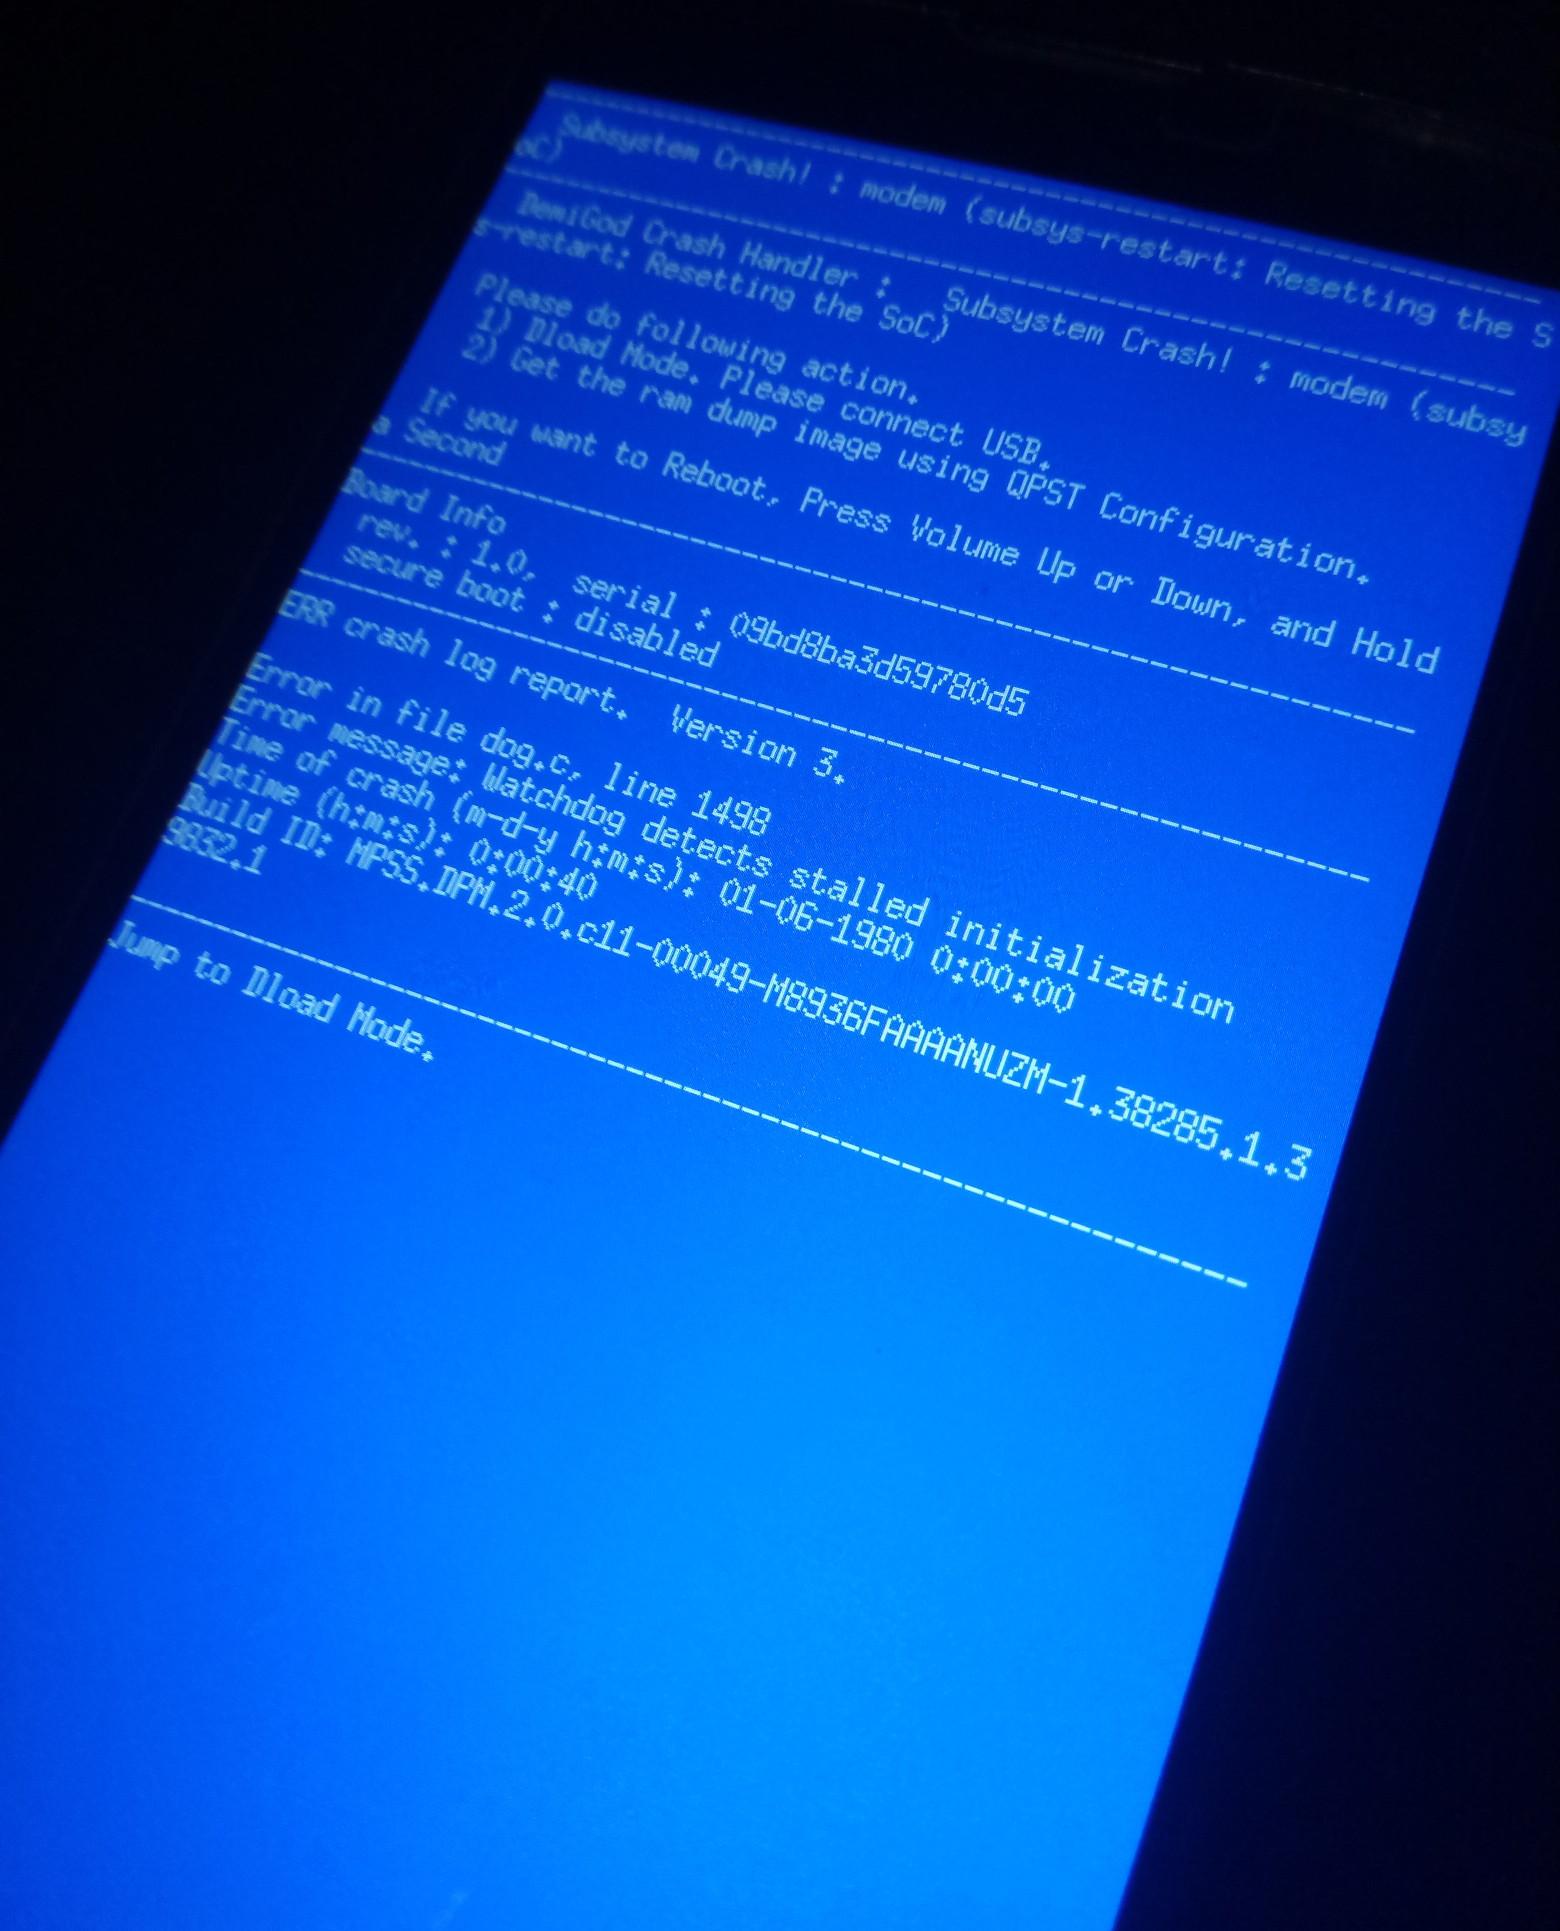 Kernel crash przy szyfrowaniu smartfona lub próbie resetu